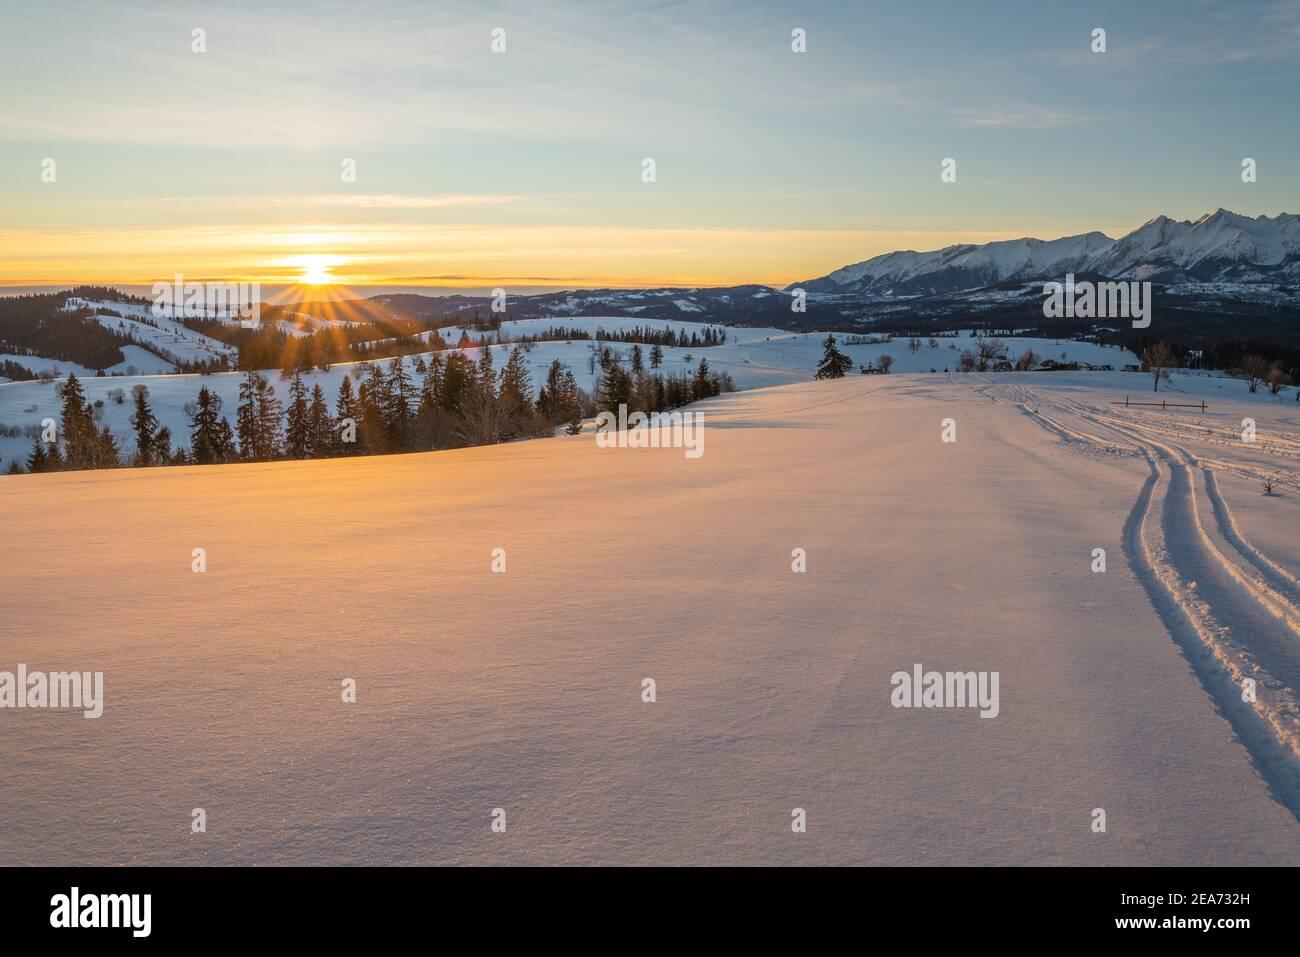 traces dans la neige de conduire des motoneiges dans un beau paysage de montagne Banque D'Images